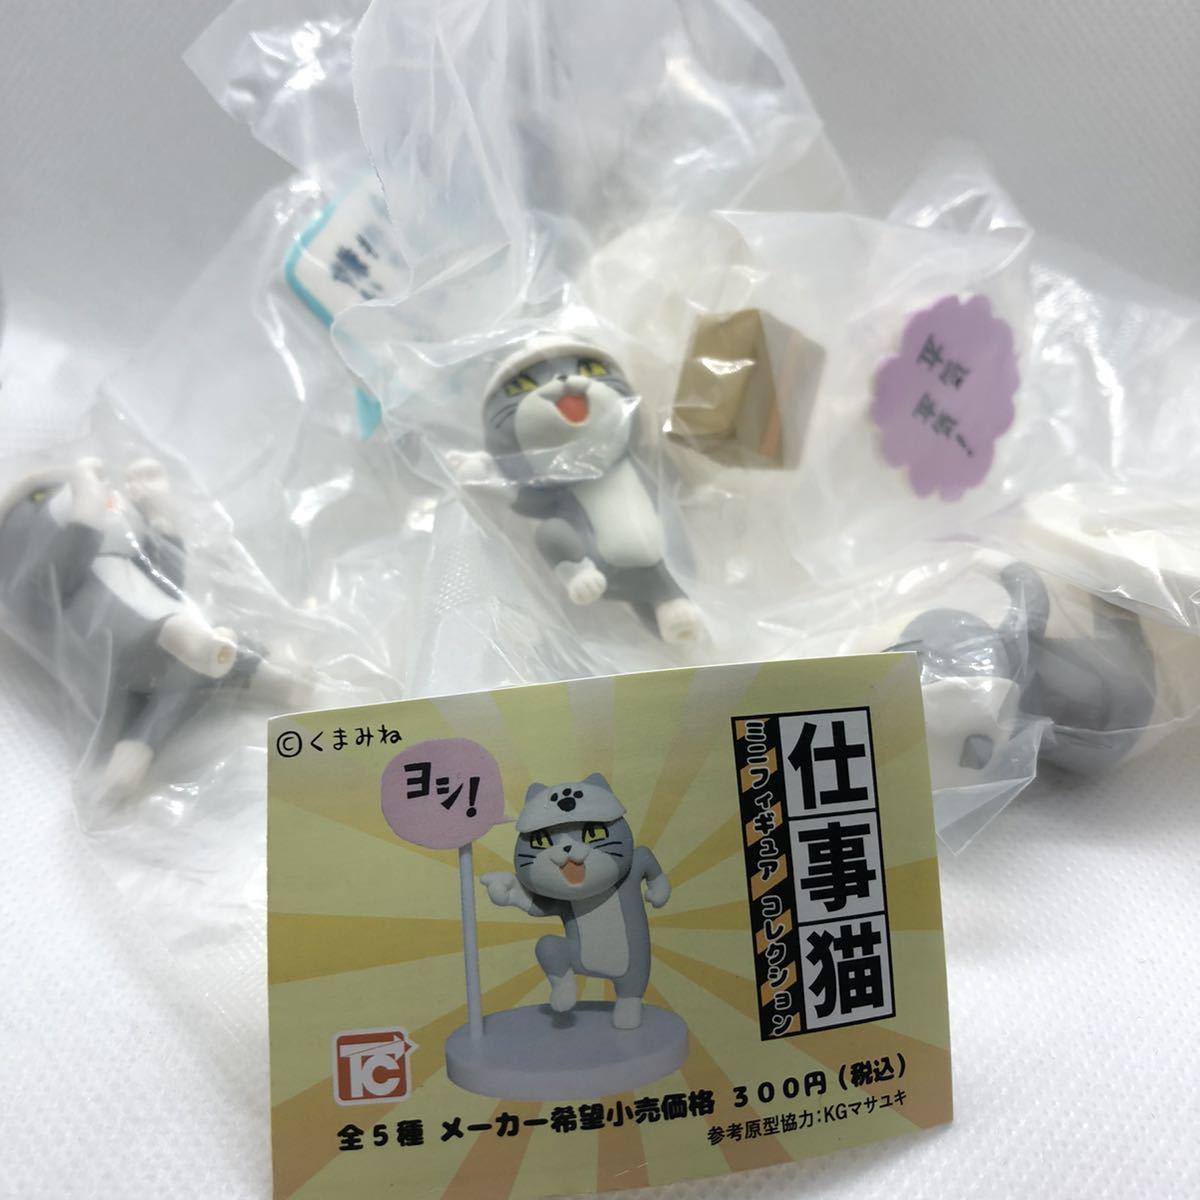 仕事猫 ミニフィギュアコレクション1 2混合 3種